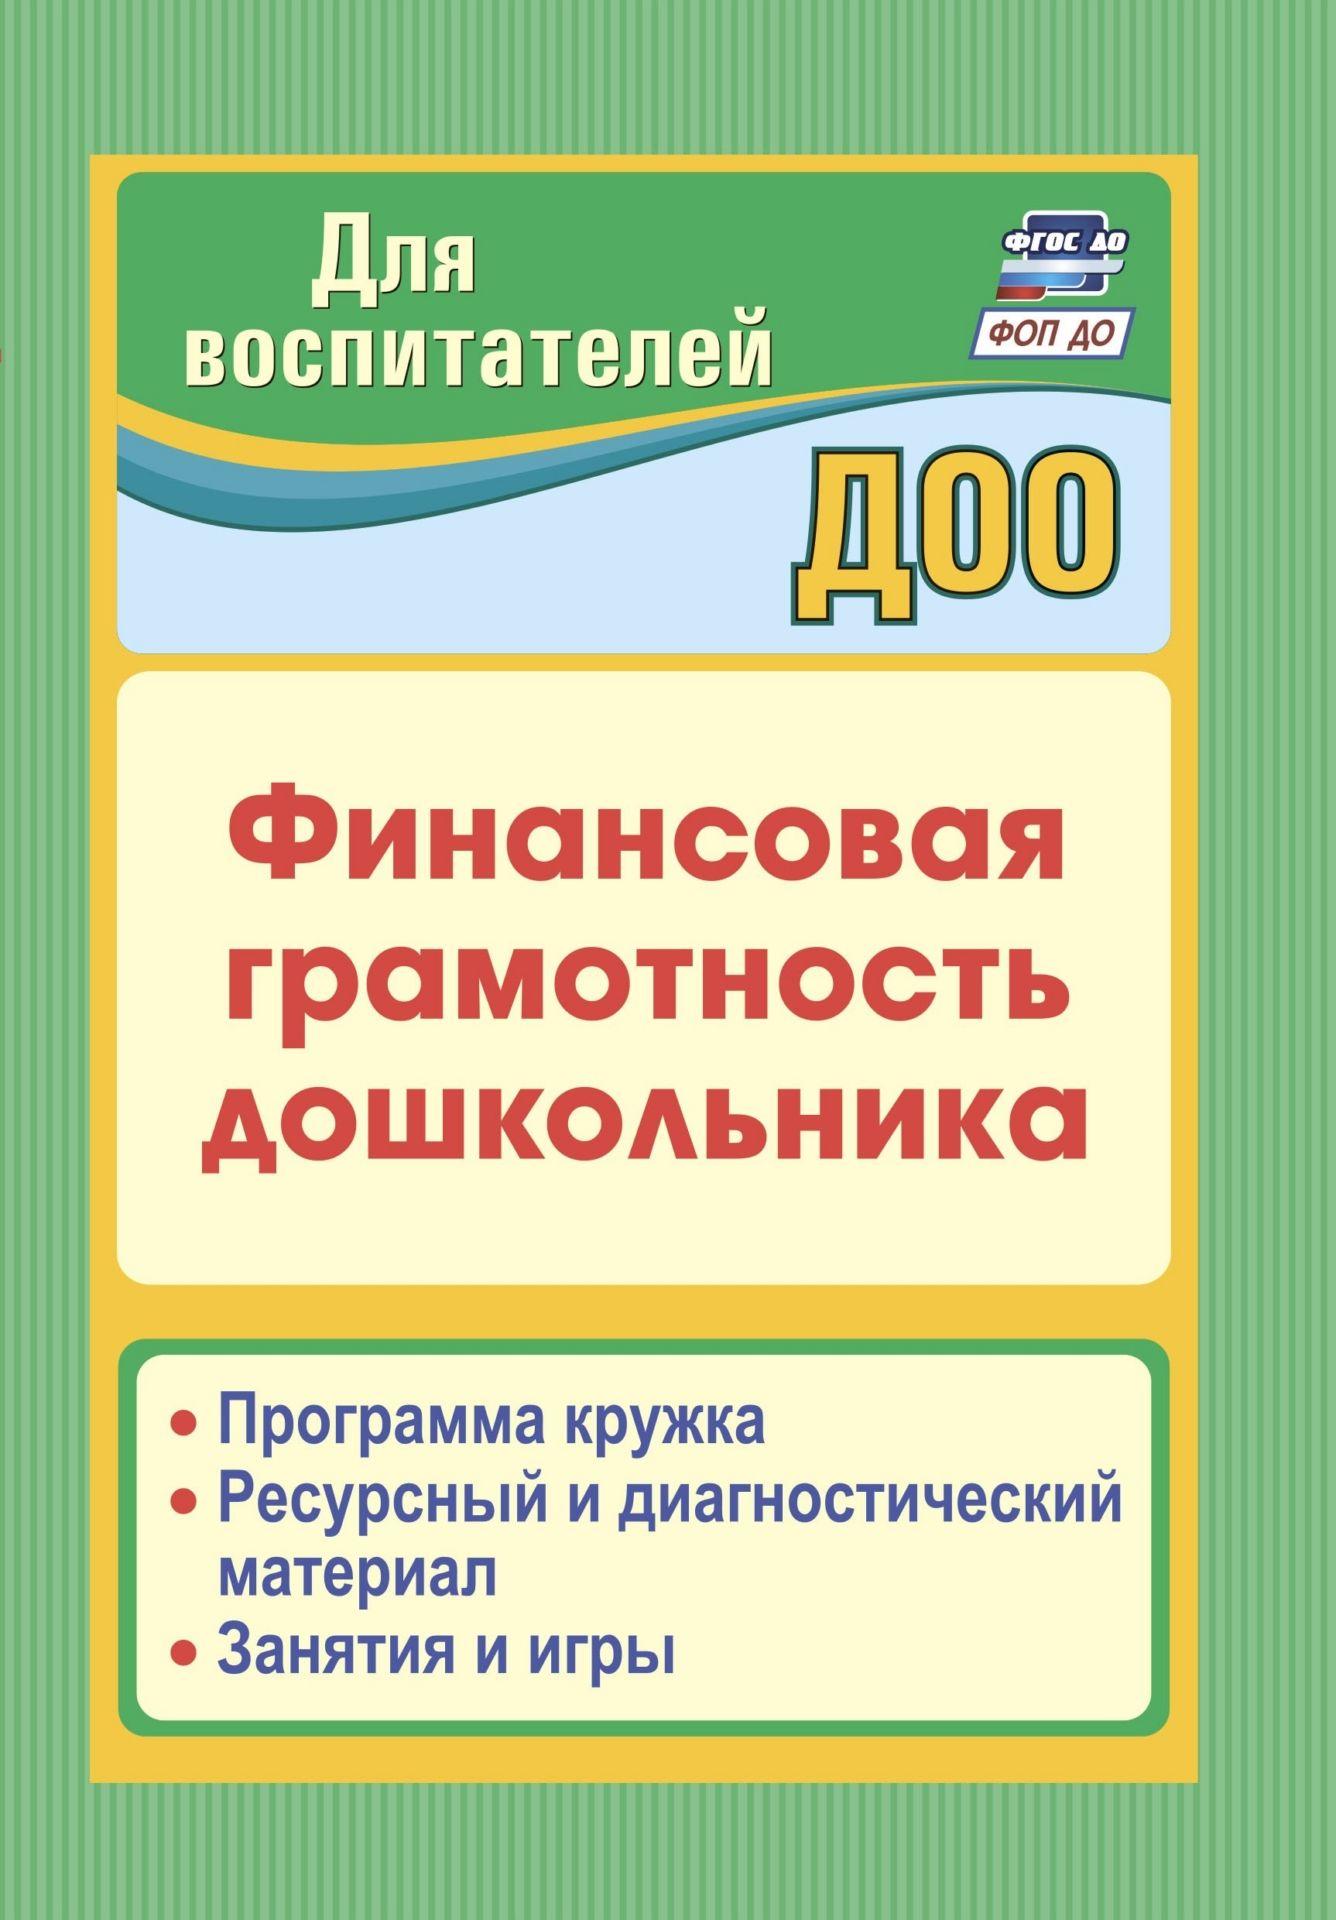 Купить со скидкой Финансовая грамотность дошкольника: Программа кружка. Ресурсный и диагностический материал. Занятия